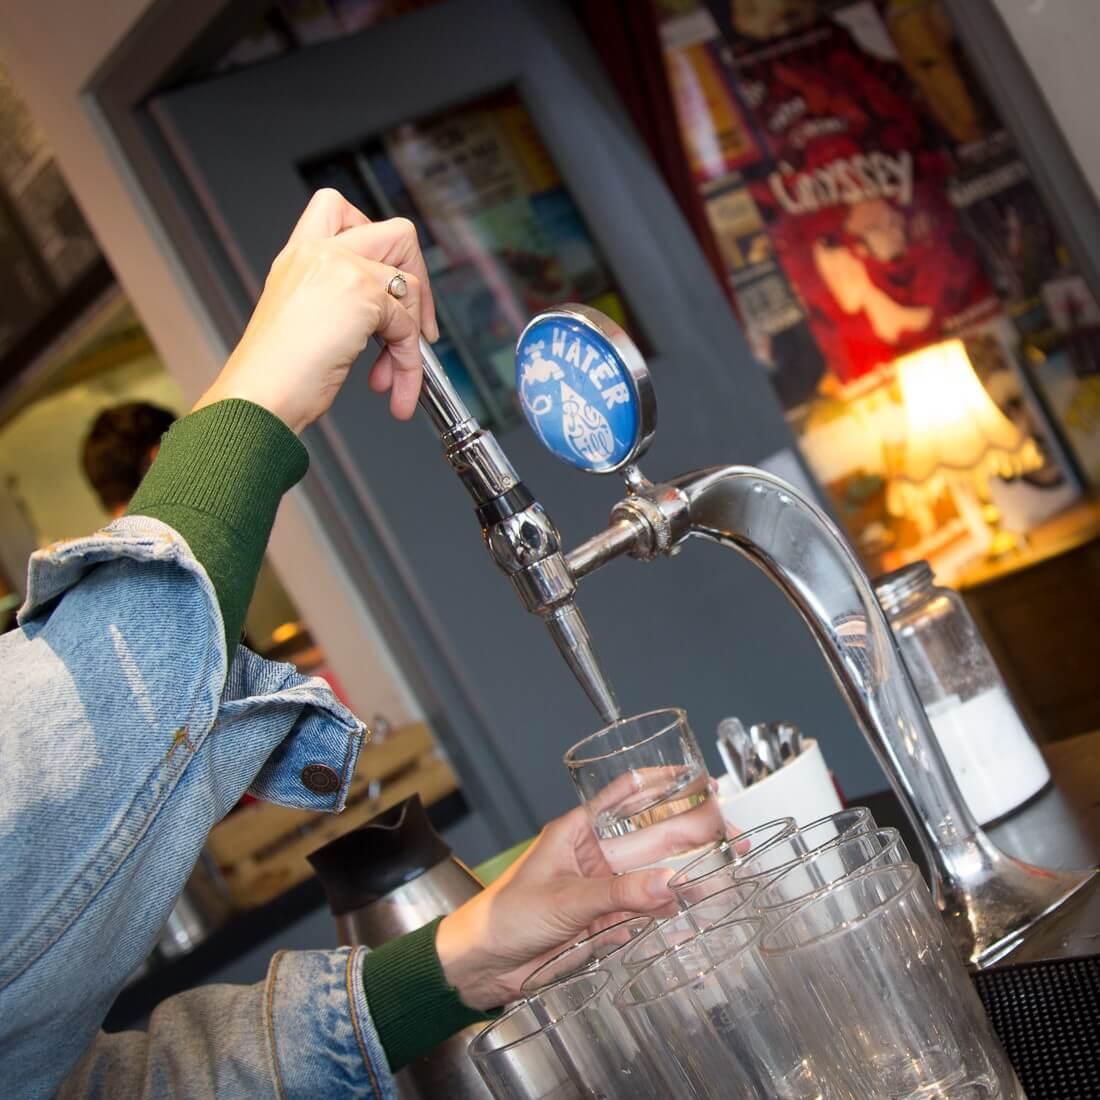 Refill Water tap, pub